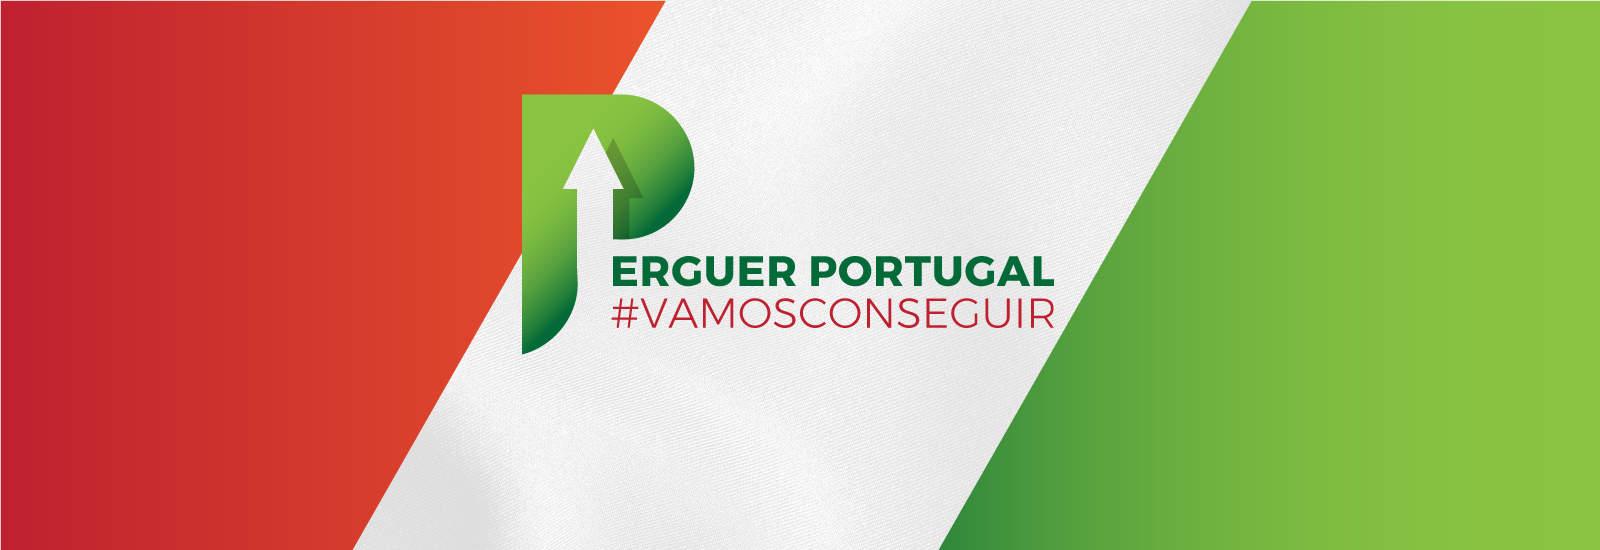 20200416-ErguerPortugal-1600x550-2